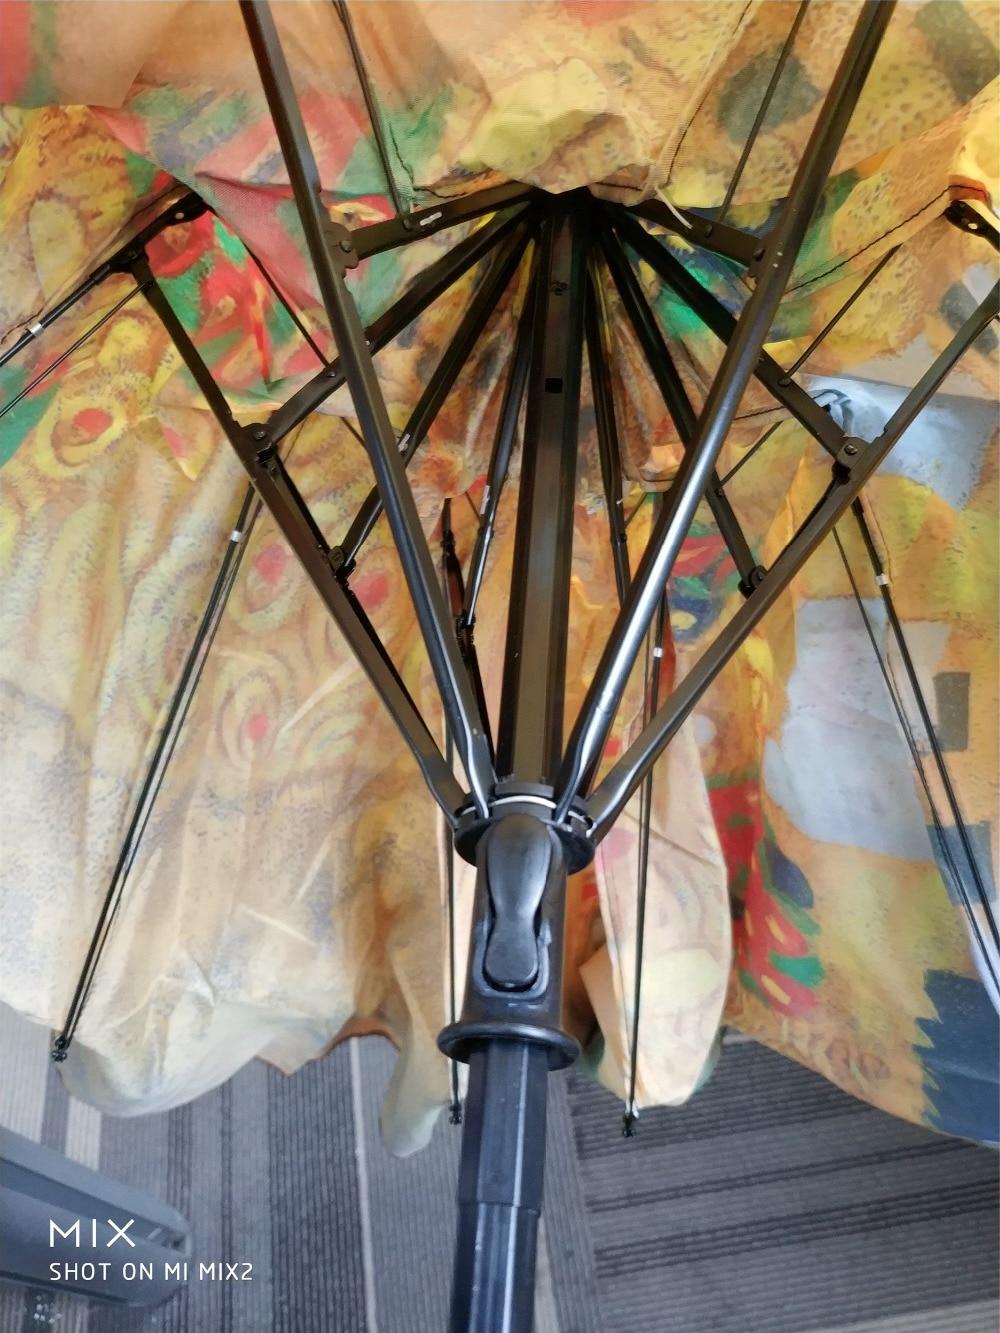 DIY Man And Women Folding Michael Jackson Umbrella Female Beach Customized Umbrellas Children Unique Gift Umbrella